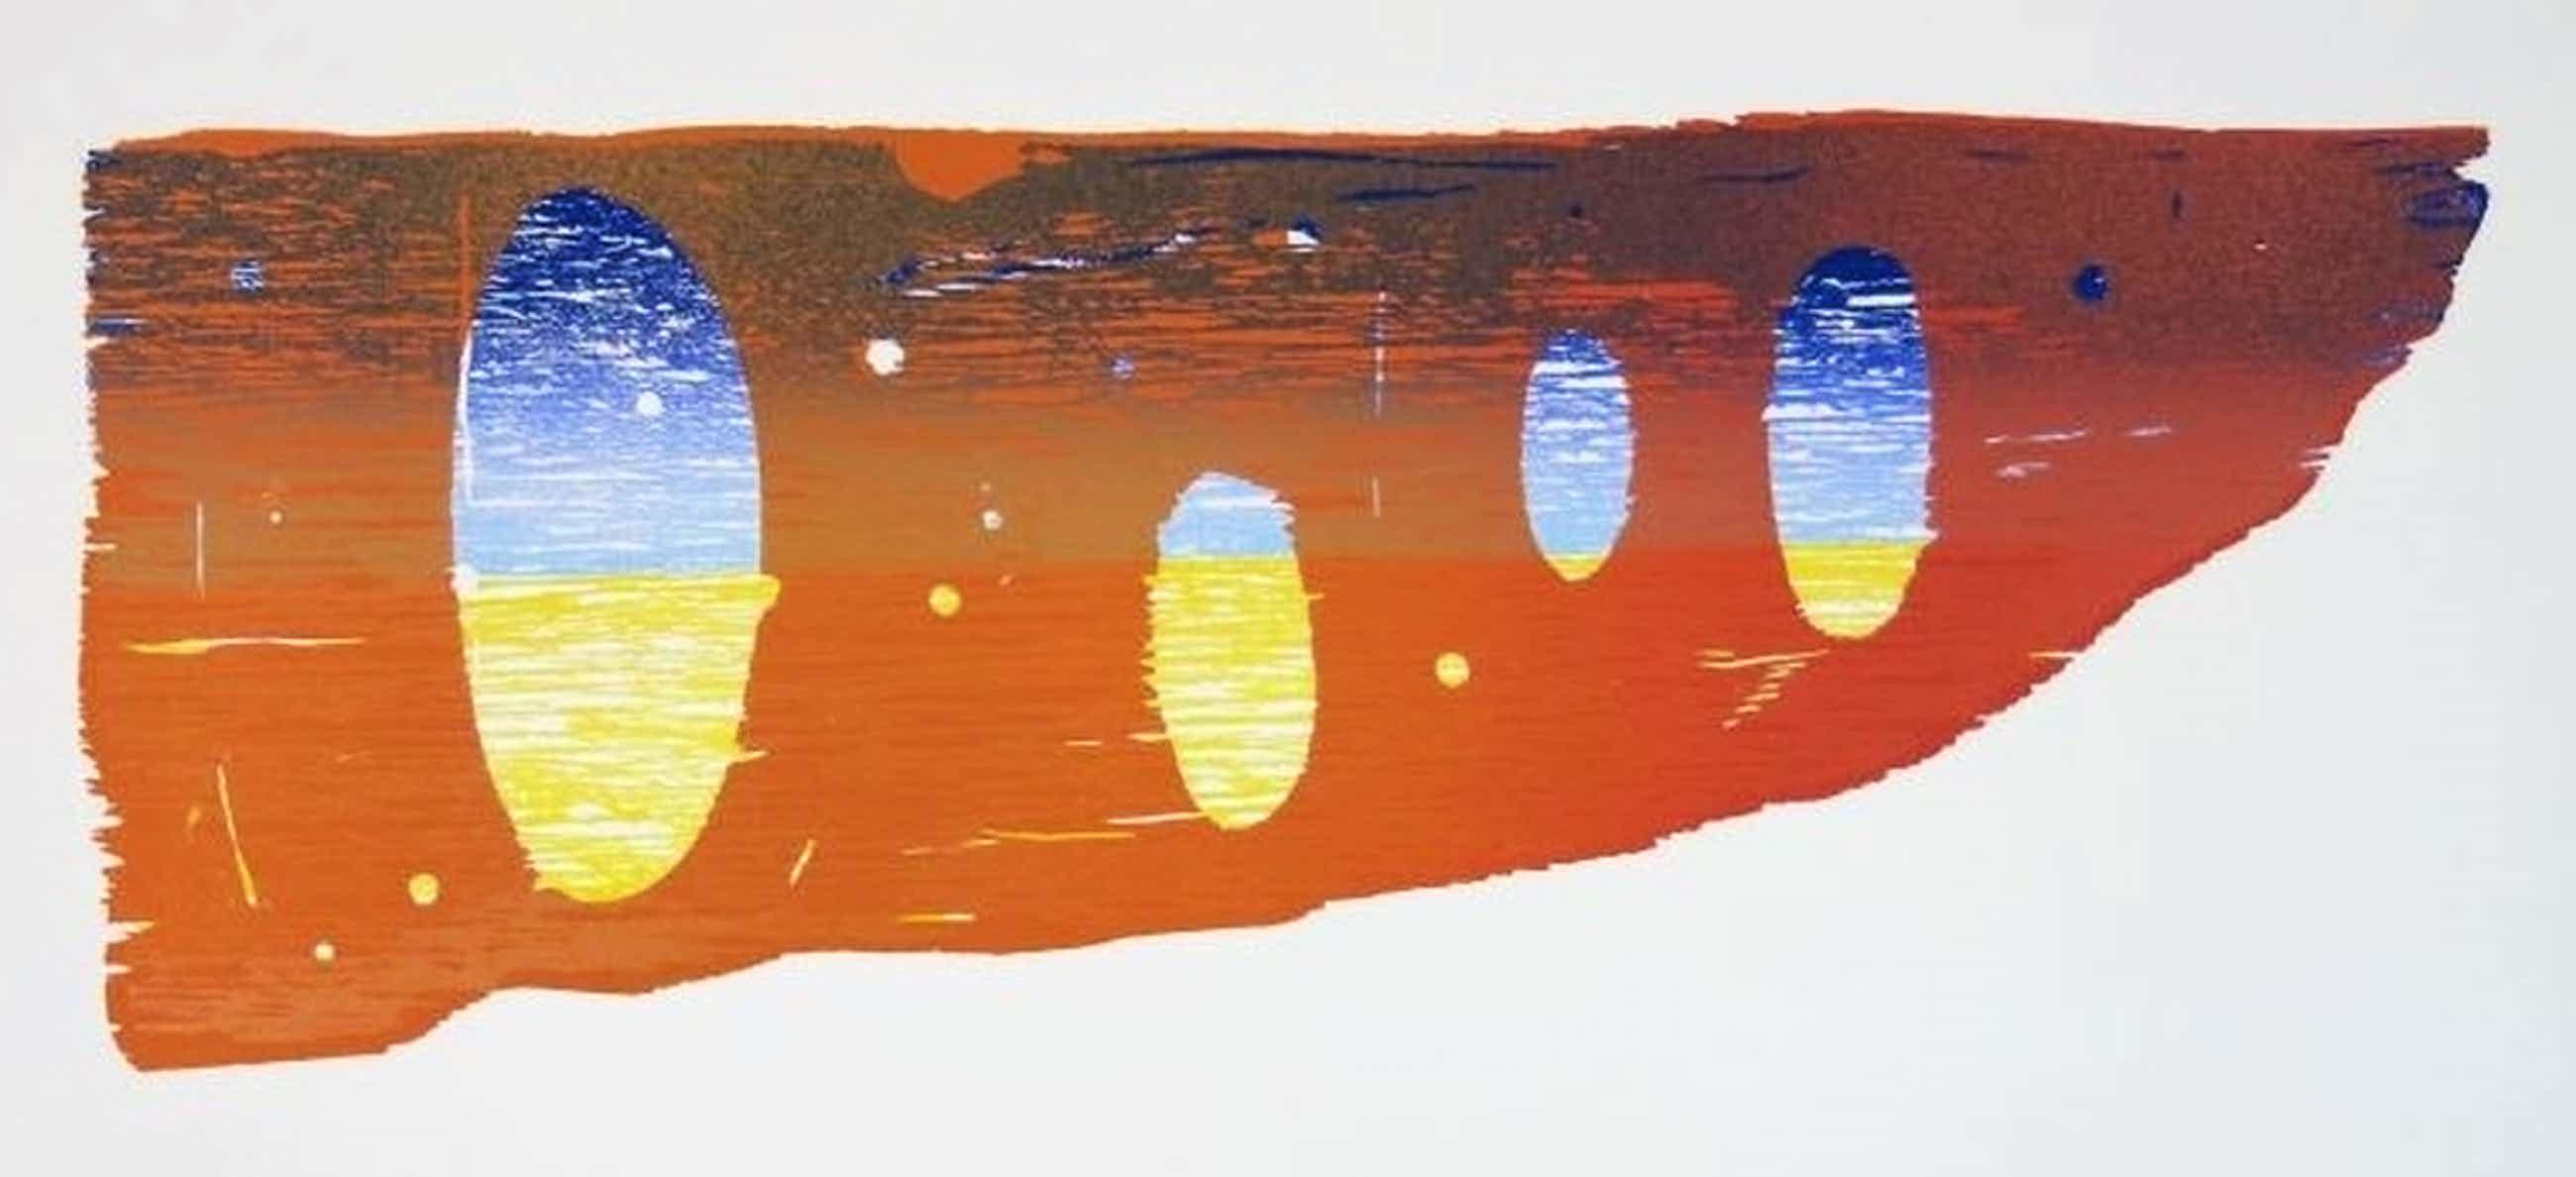 Joris Geurts: Houtsnede, Compositie oranje kopen? Bied vanaf 35!